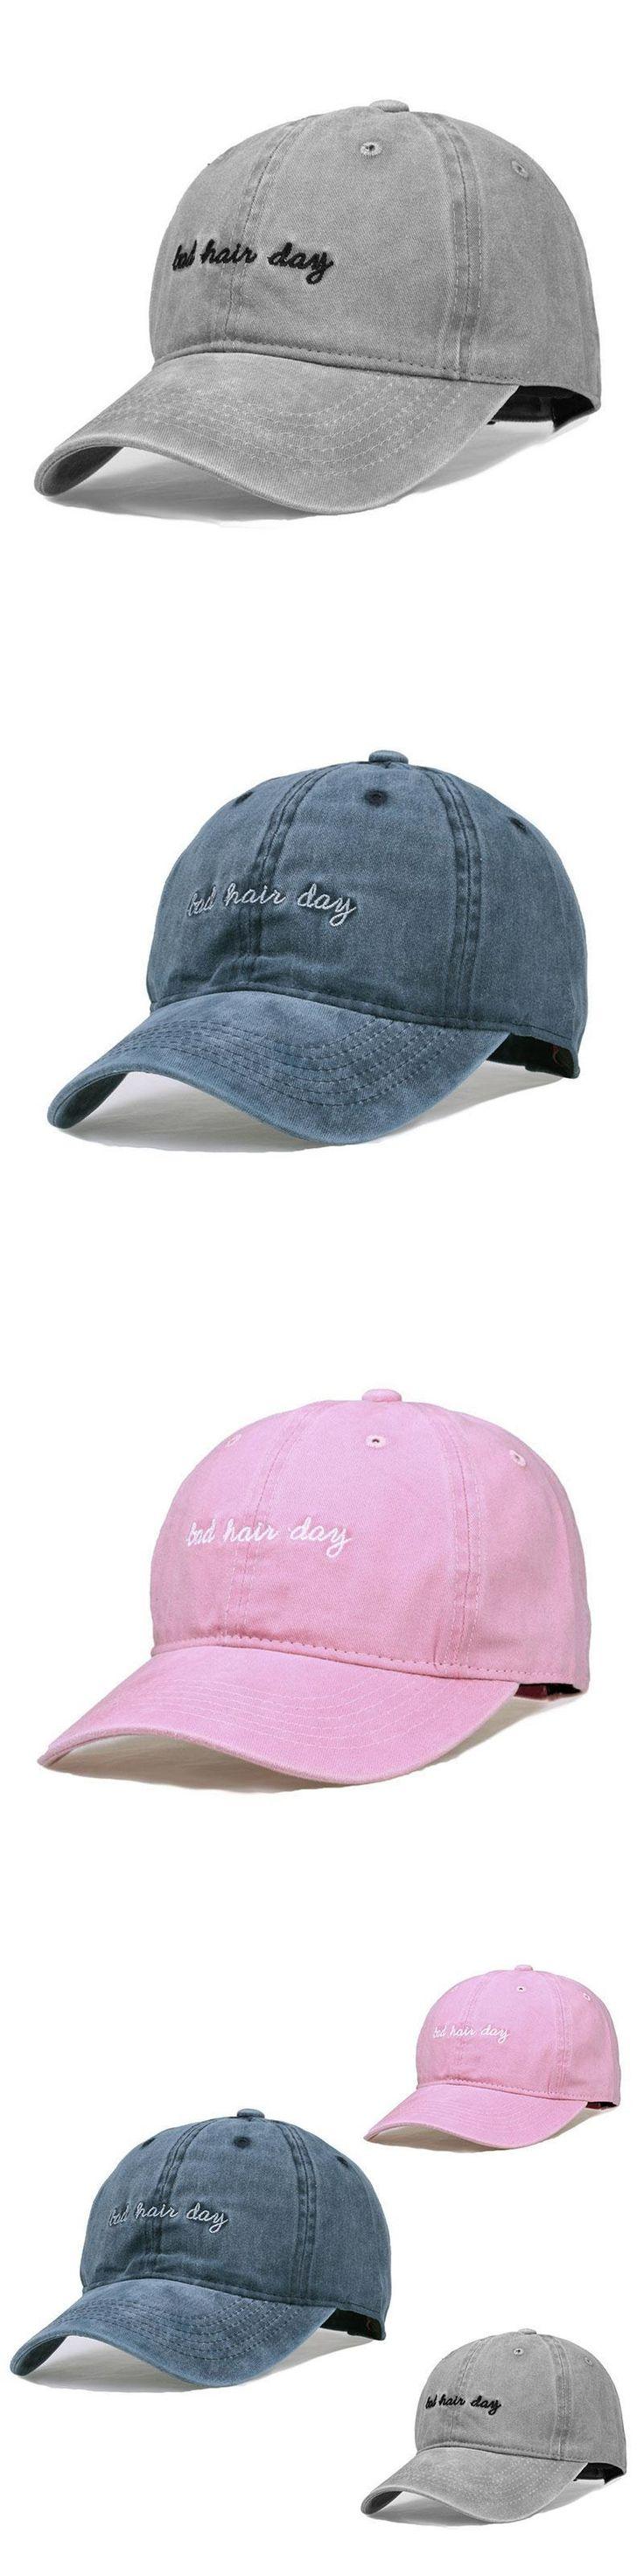 best 25+ women's baseball caps ideas on pinterest   women's